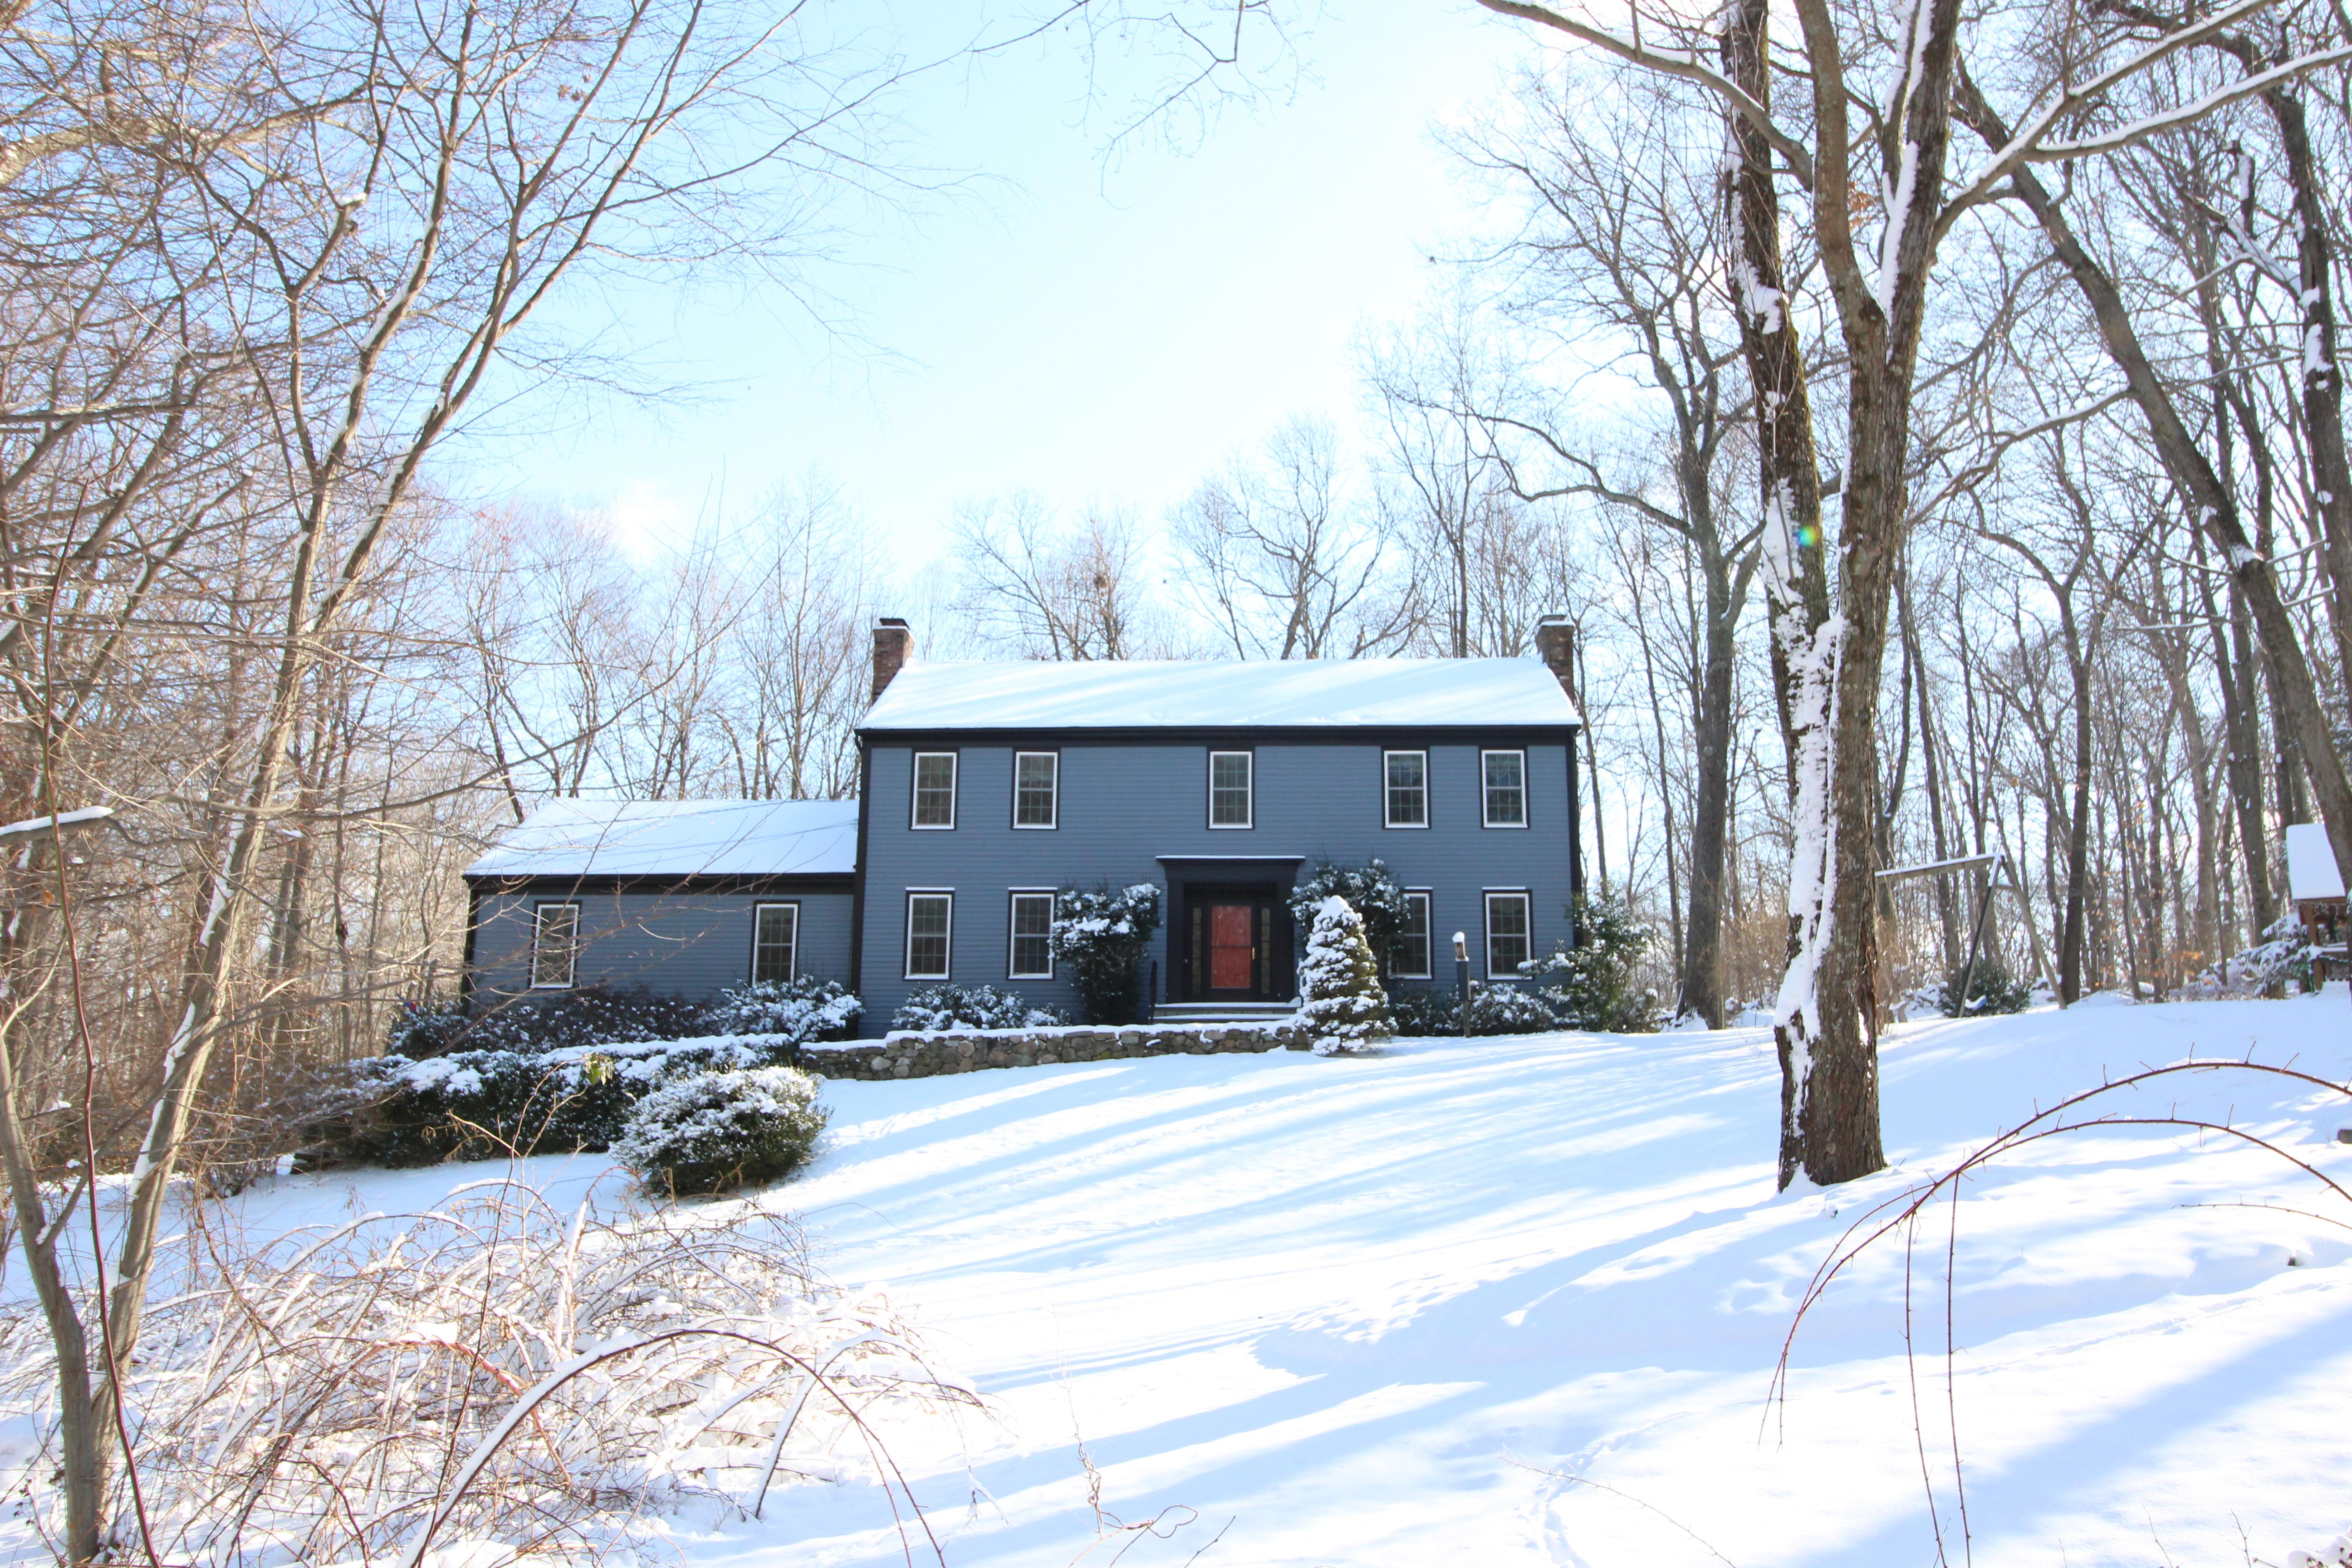 단독 가정 주택 용 매매 에 One of Wilton's Best Neighborhoods 78 Thunder Lake Road Wilton, 코네티컷, 06897 미국